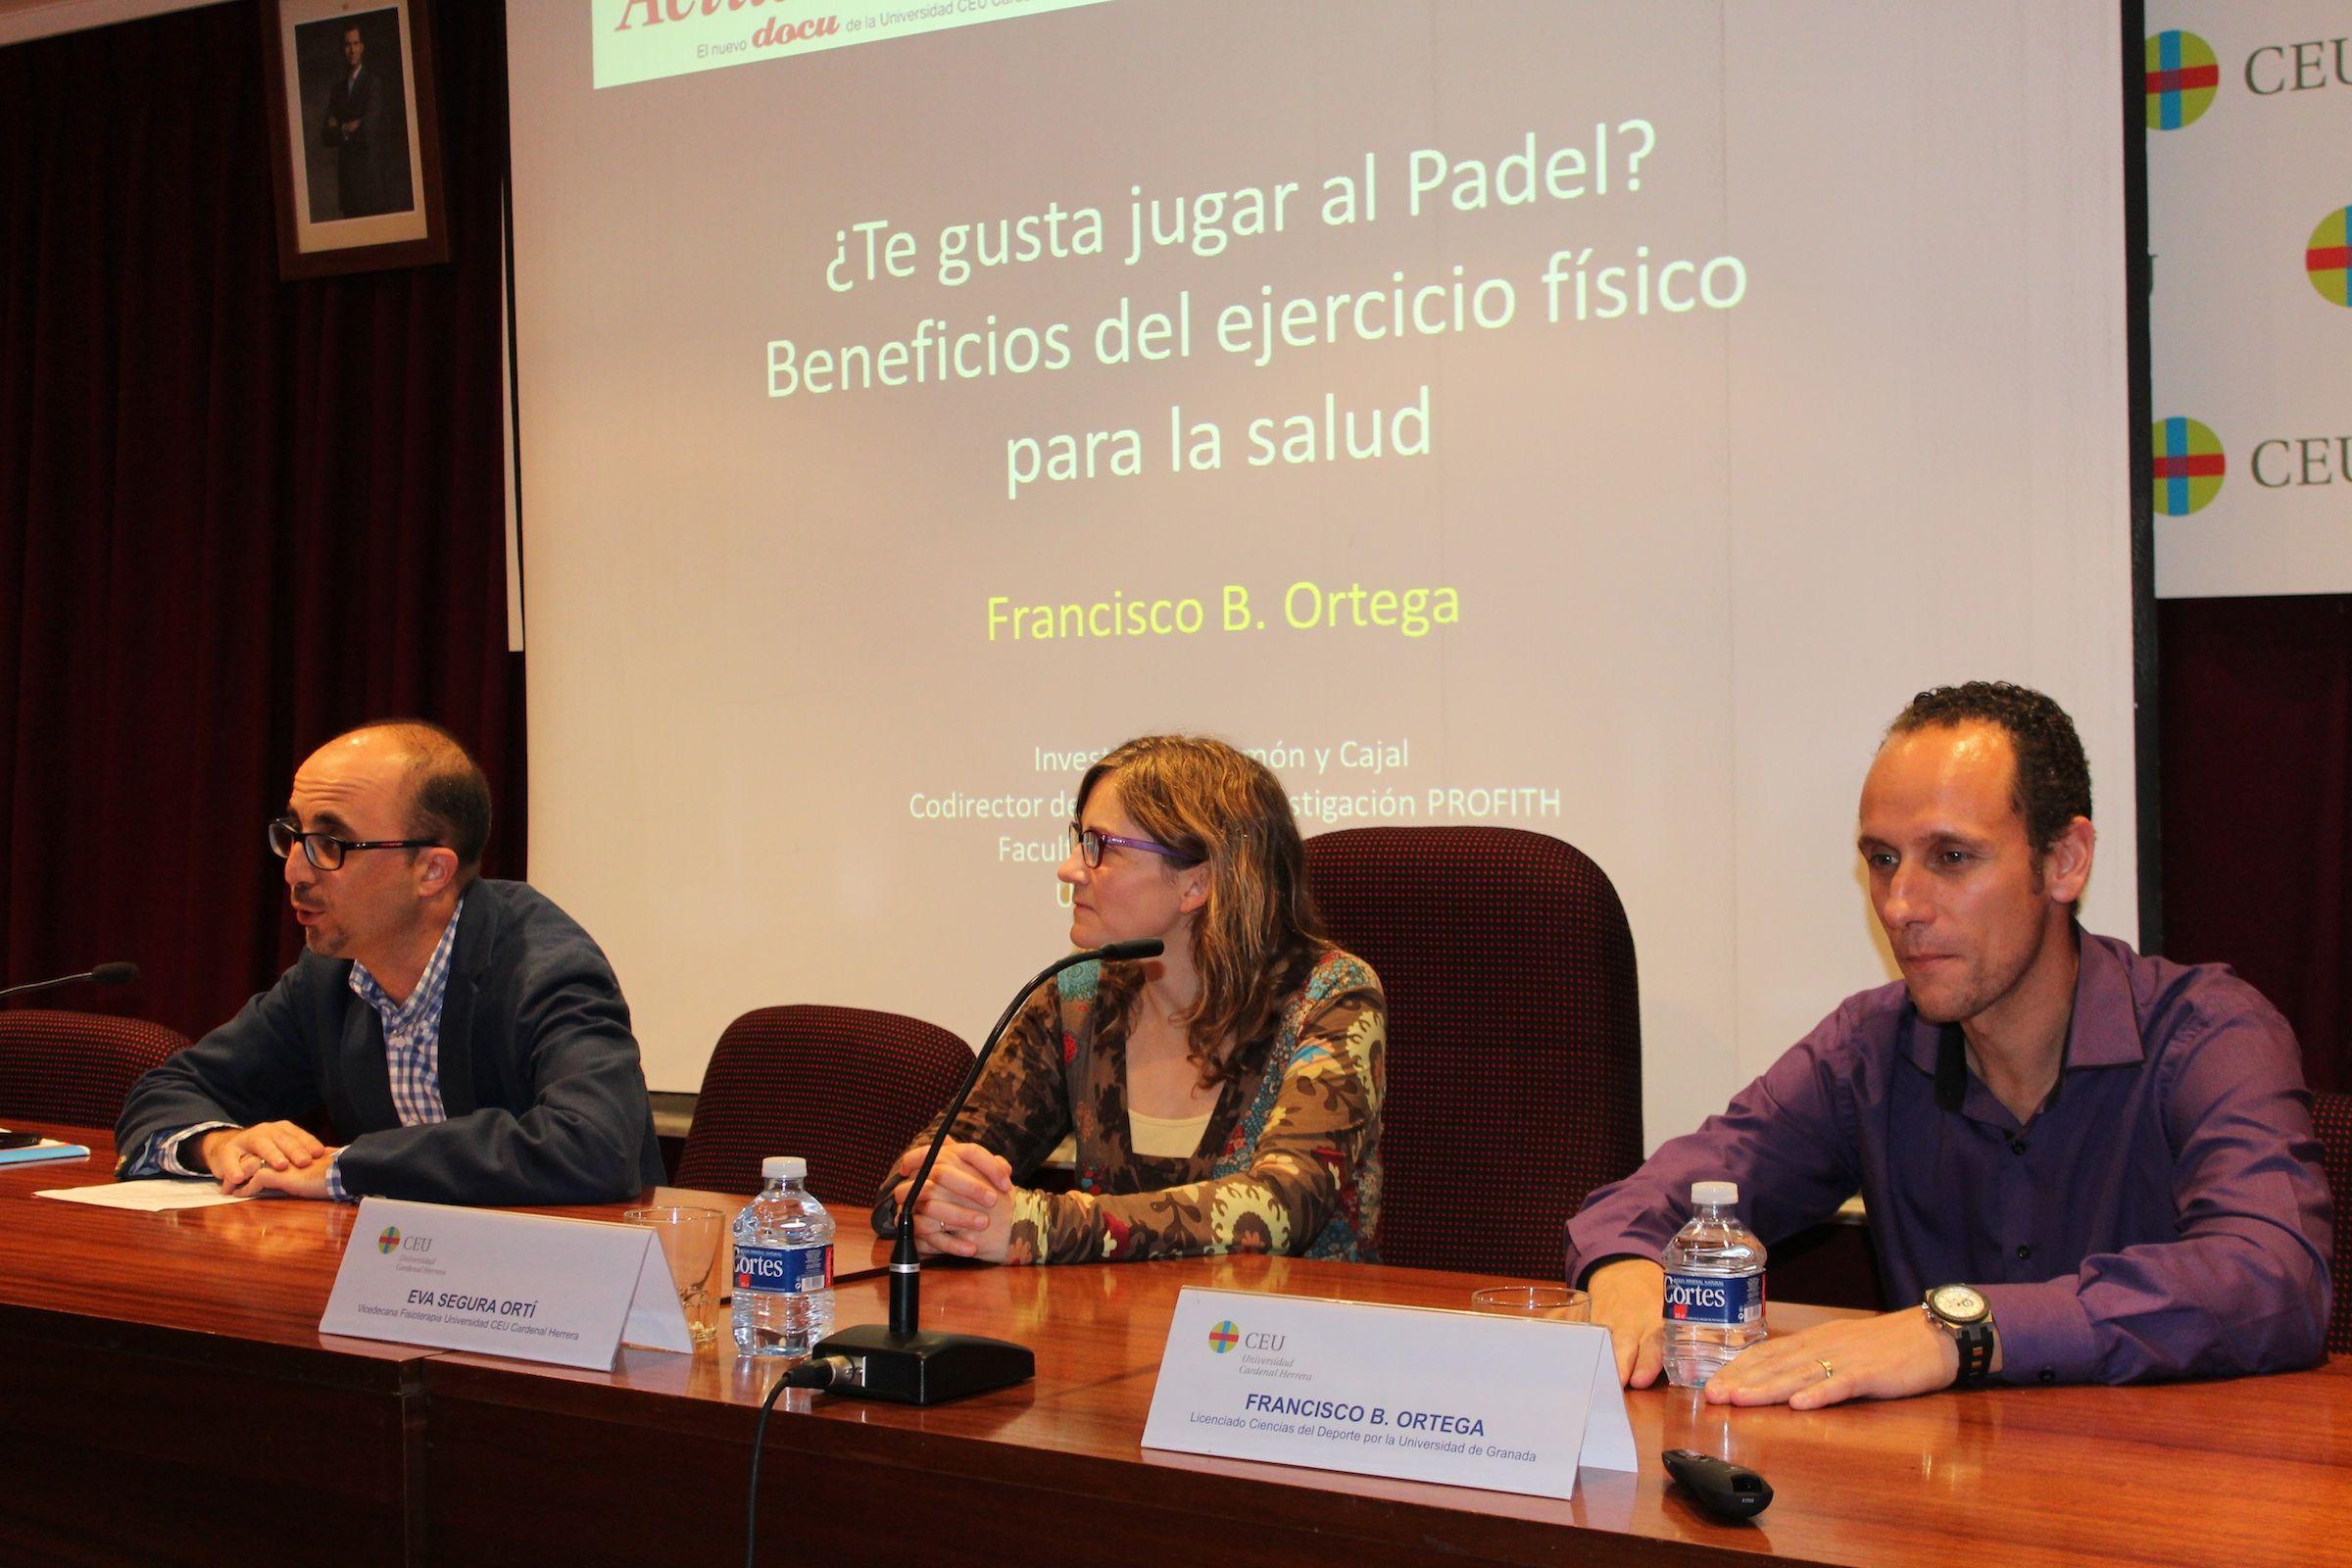 Enric Poch, coordinador de CEU Descubre; Eva Segura, vicedecana de Fisioterapia, y Francisco B. Ortega, investigador Ramón y Cajal de la UGR, en la presentación de CEU Descubre.